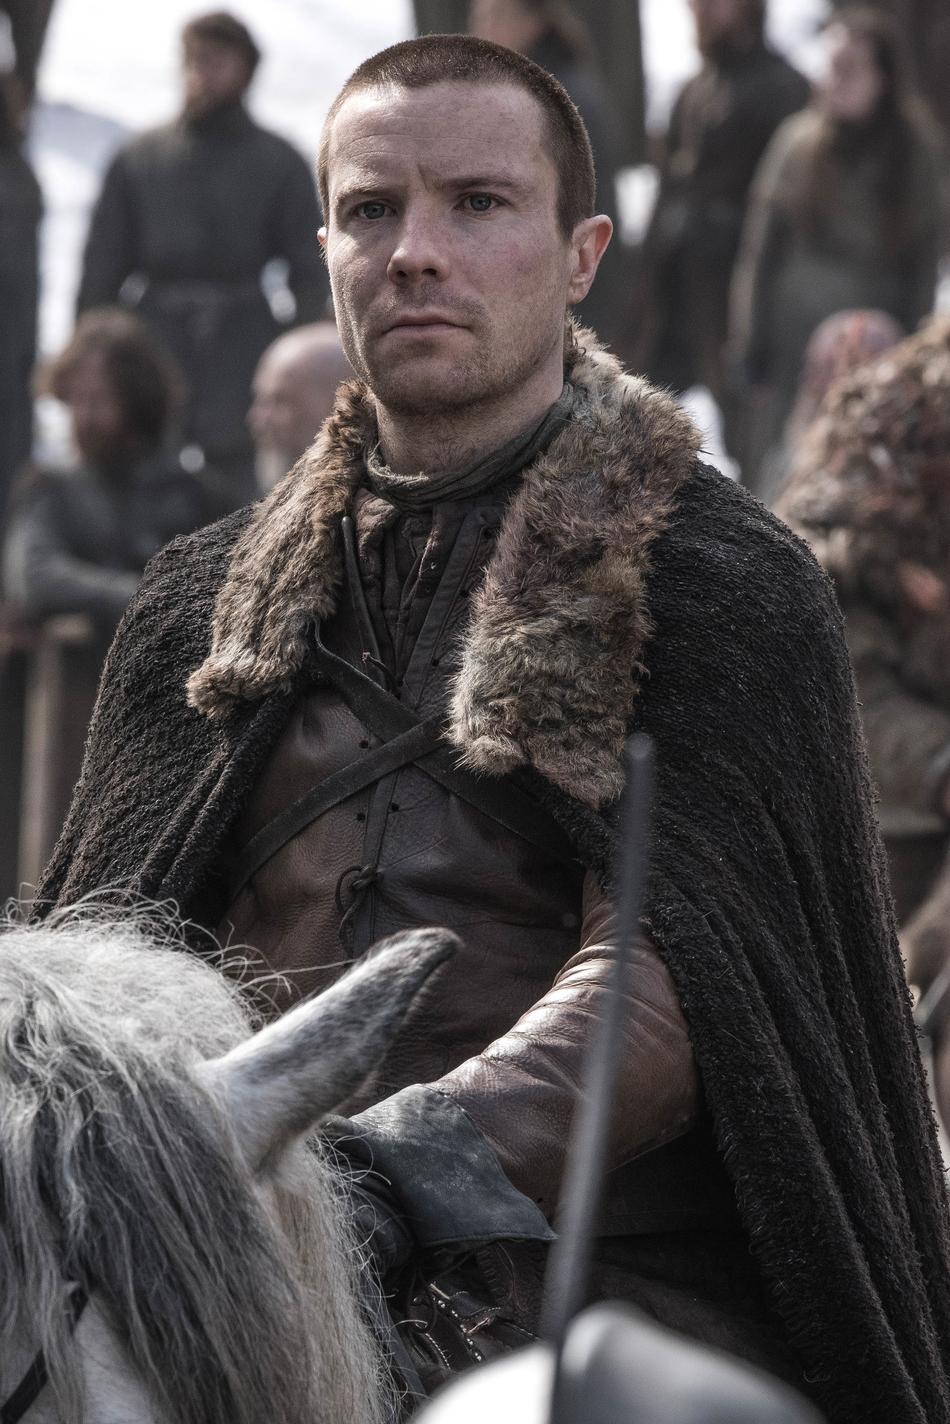 Cersei lannister e margaery tyrell em cena leacutesbica para decidir quem seraacute a rainha em game of thrones - 3 4